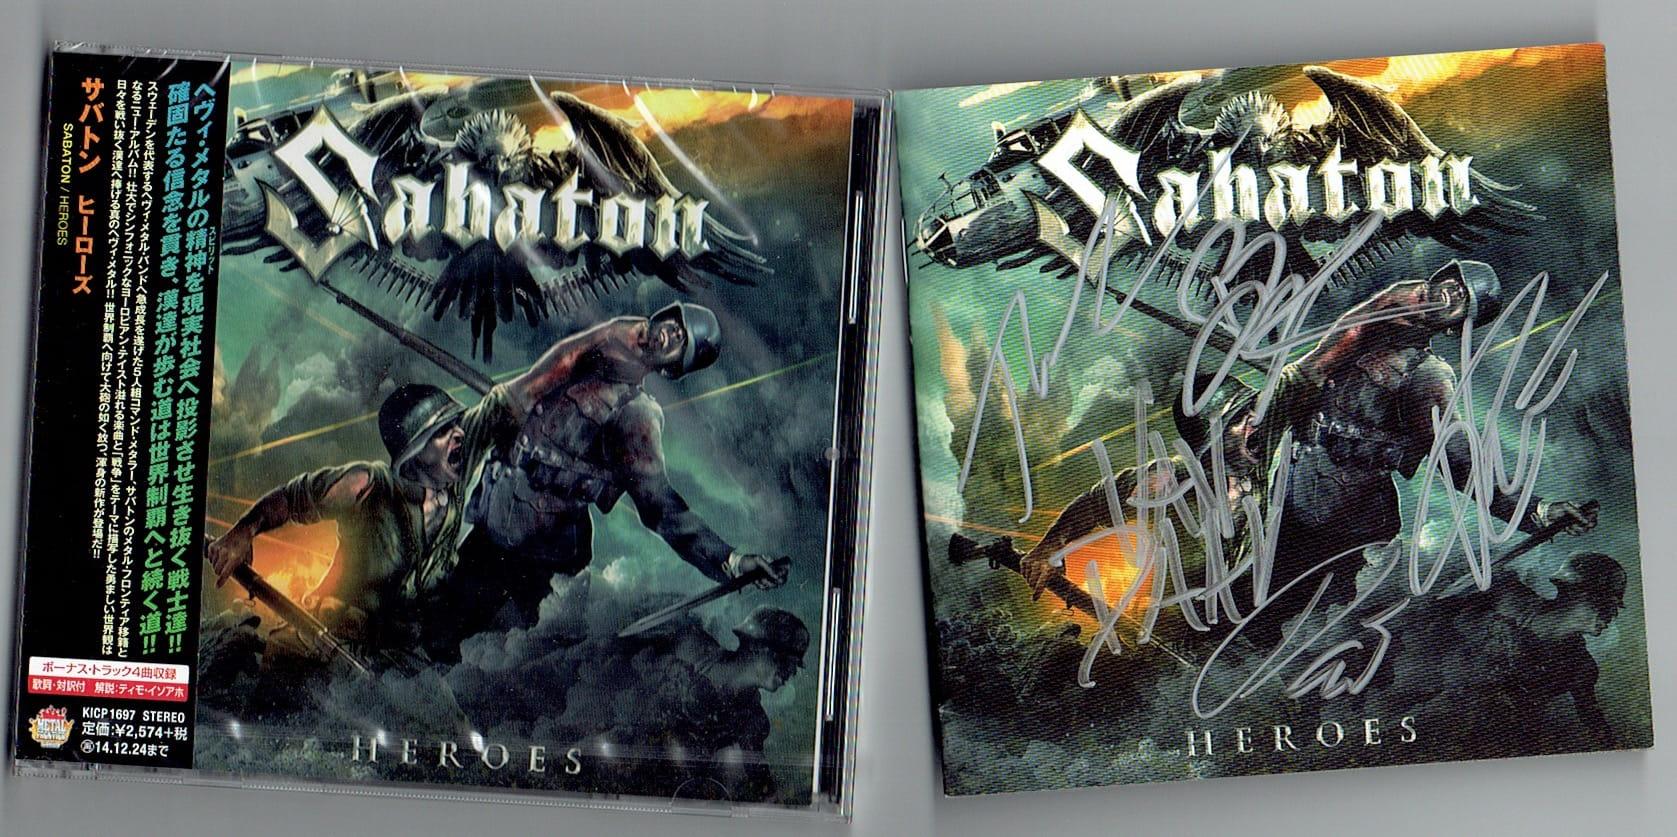 Download sabaton heroes album